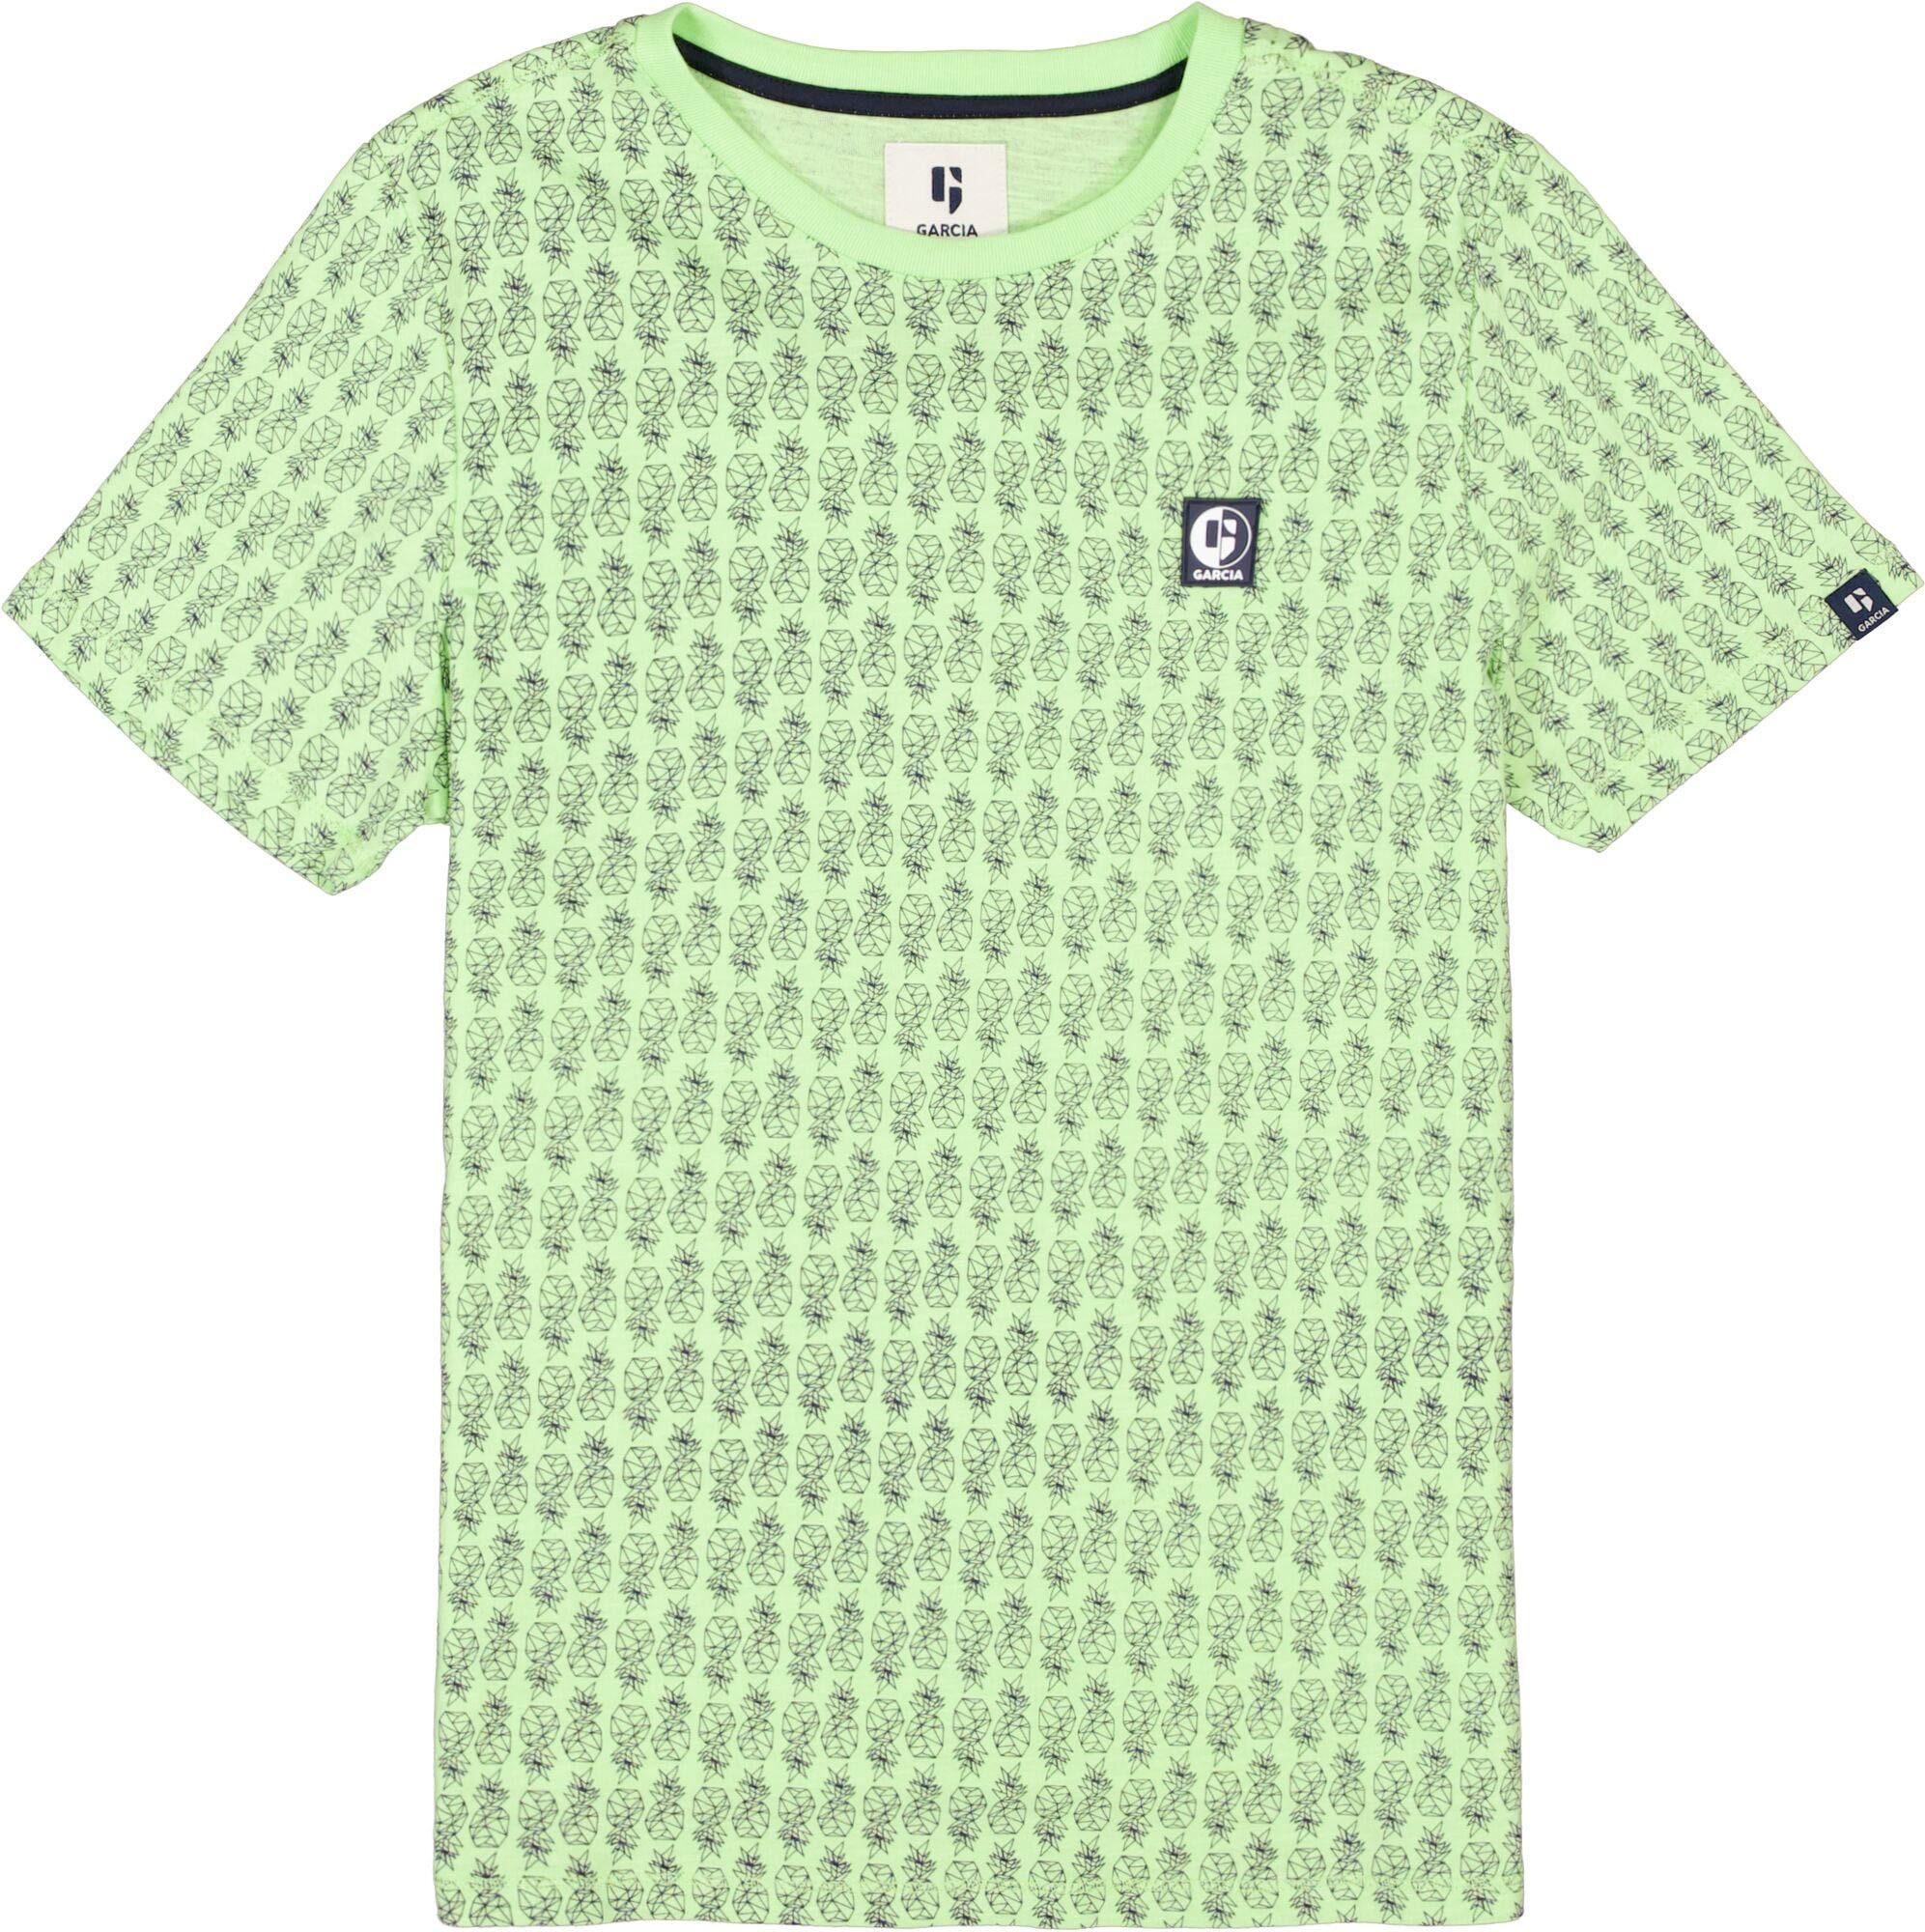 Garcia T-Shirt grün Jungen T-Shirts Shirts Jungenkleidung